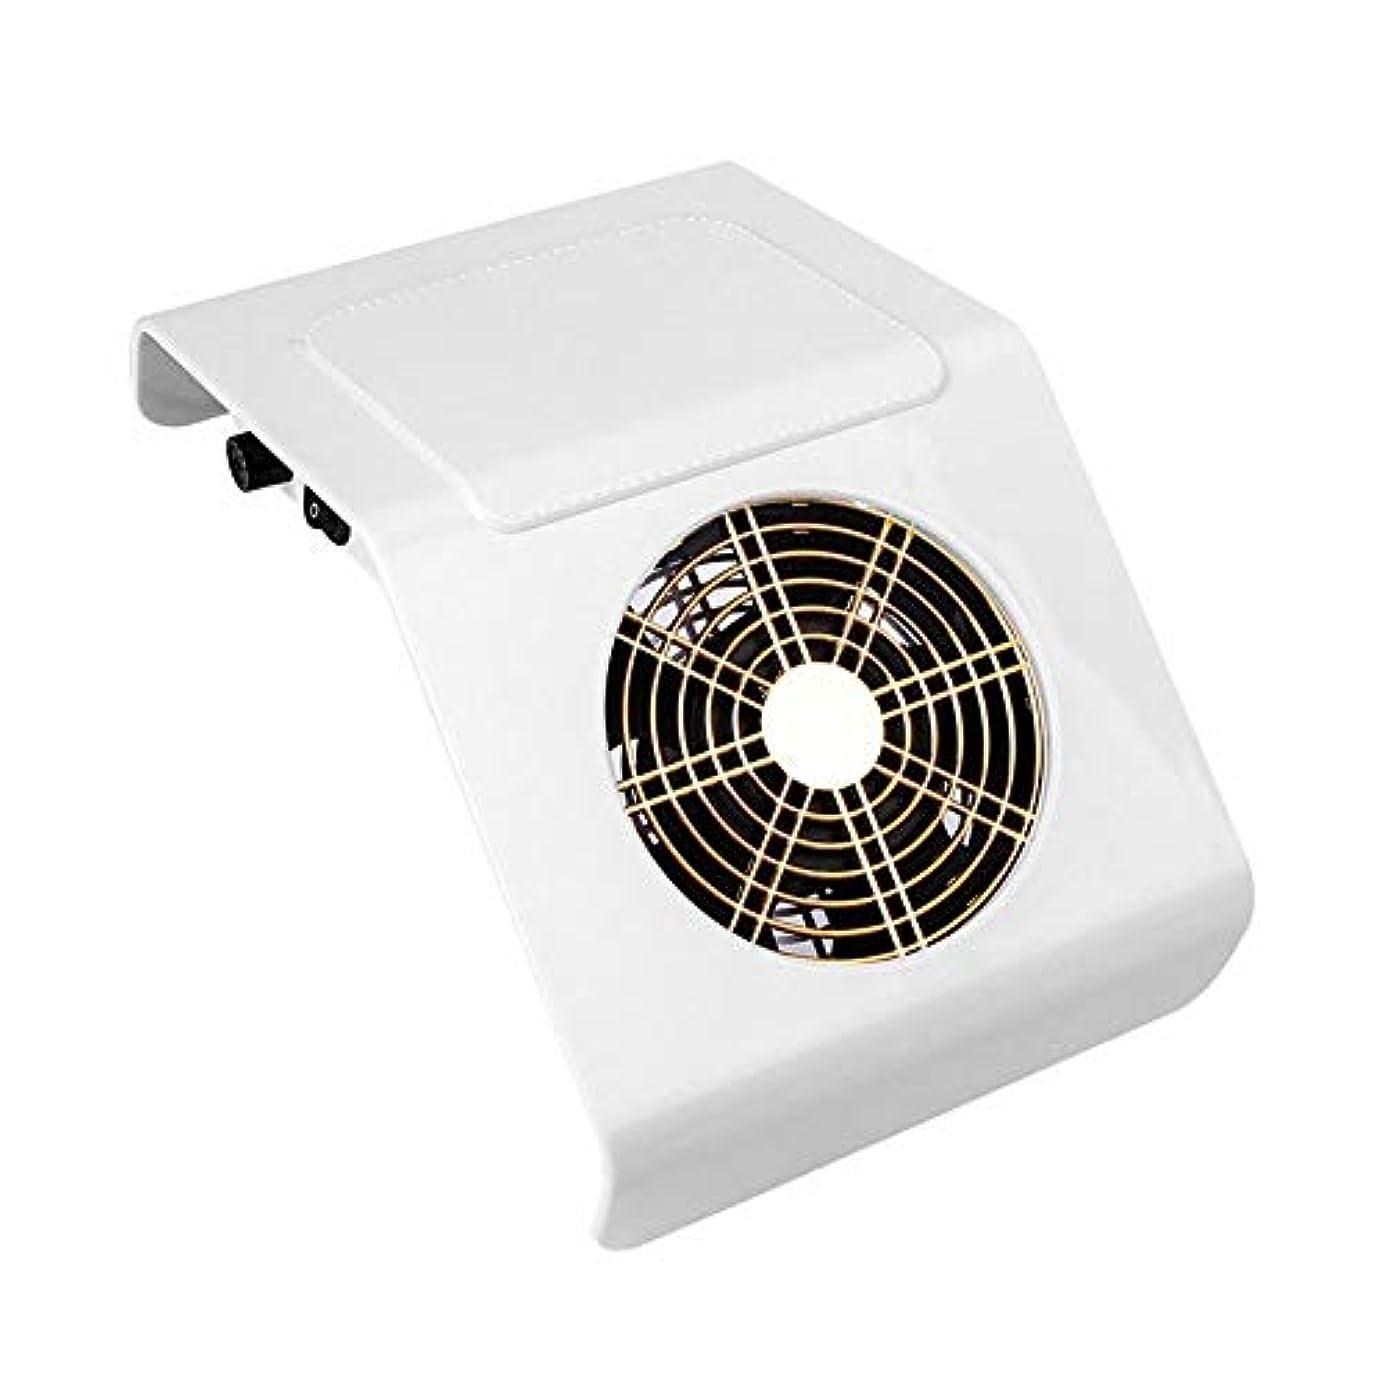 効能枕貪欲40Wネイル集塵機の吸引ファン、2つの集塵袋付きネイル掃除機バッグネイルアートマニキュアサロンツールの収集マニキュアの工作機械ダスト (Color : White)